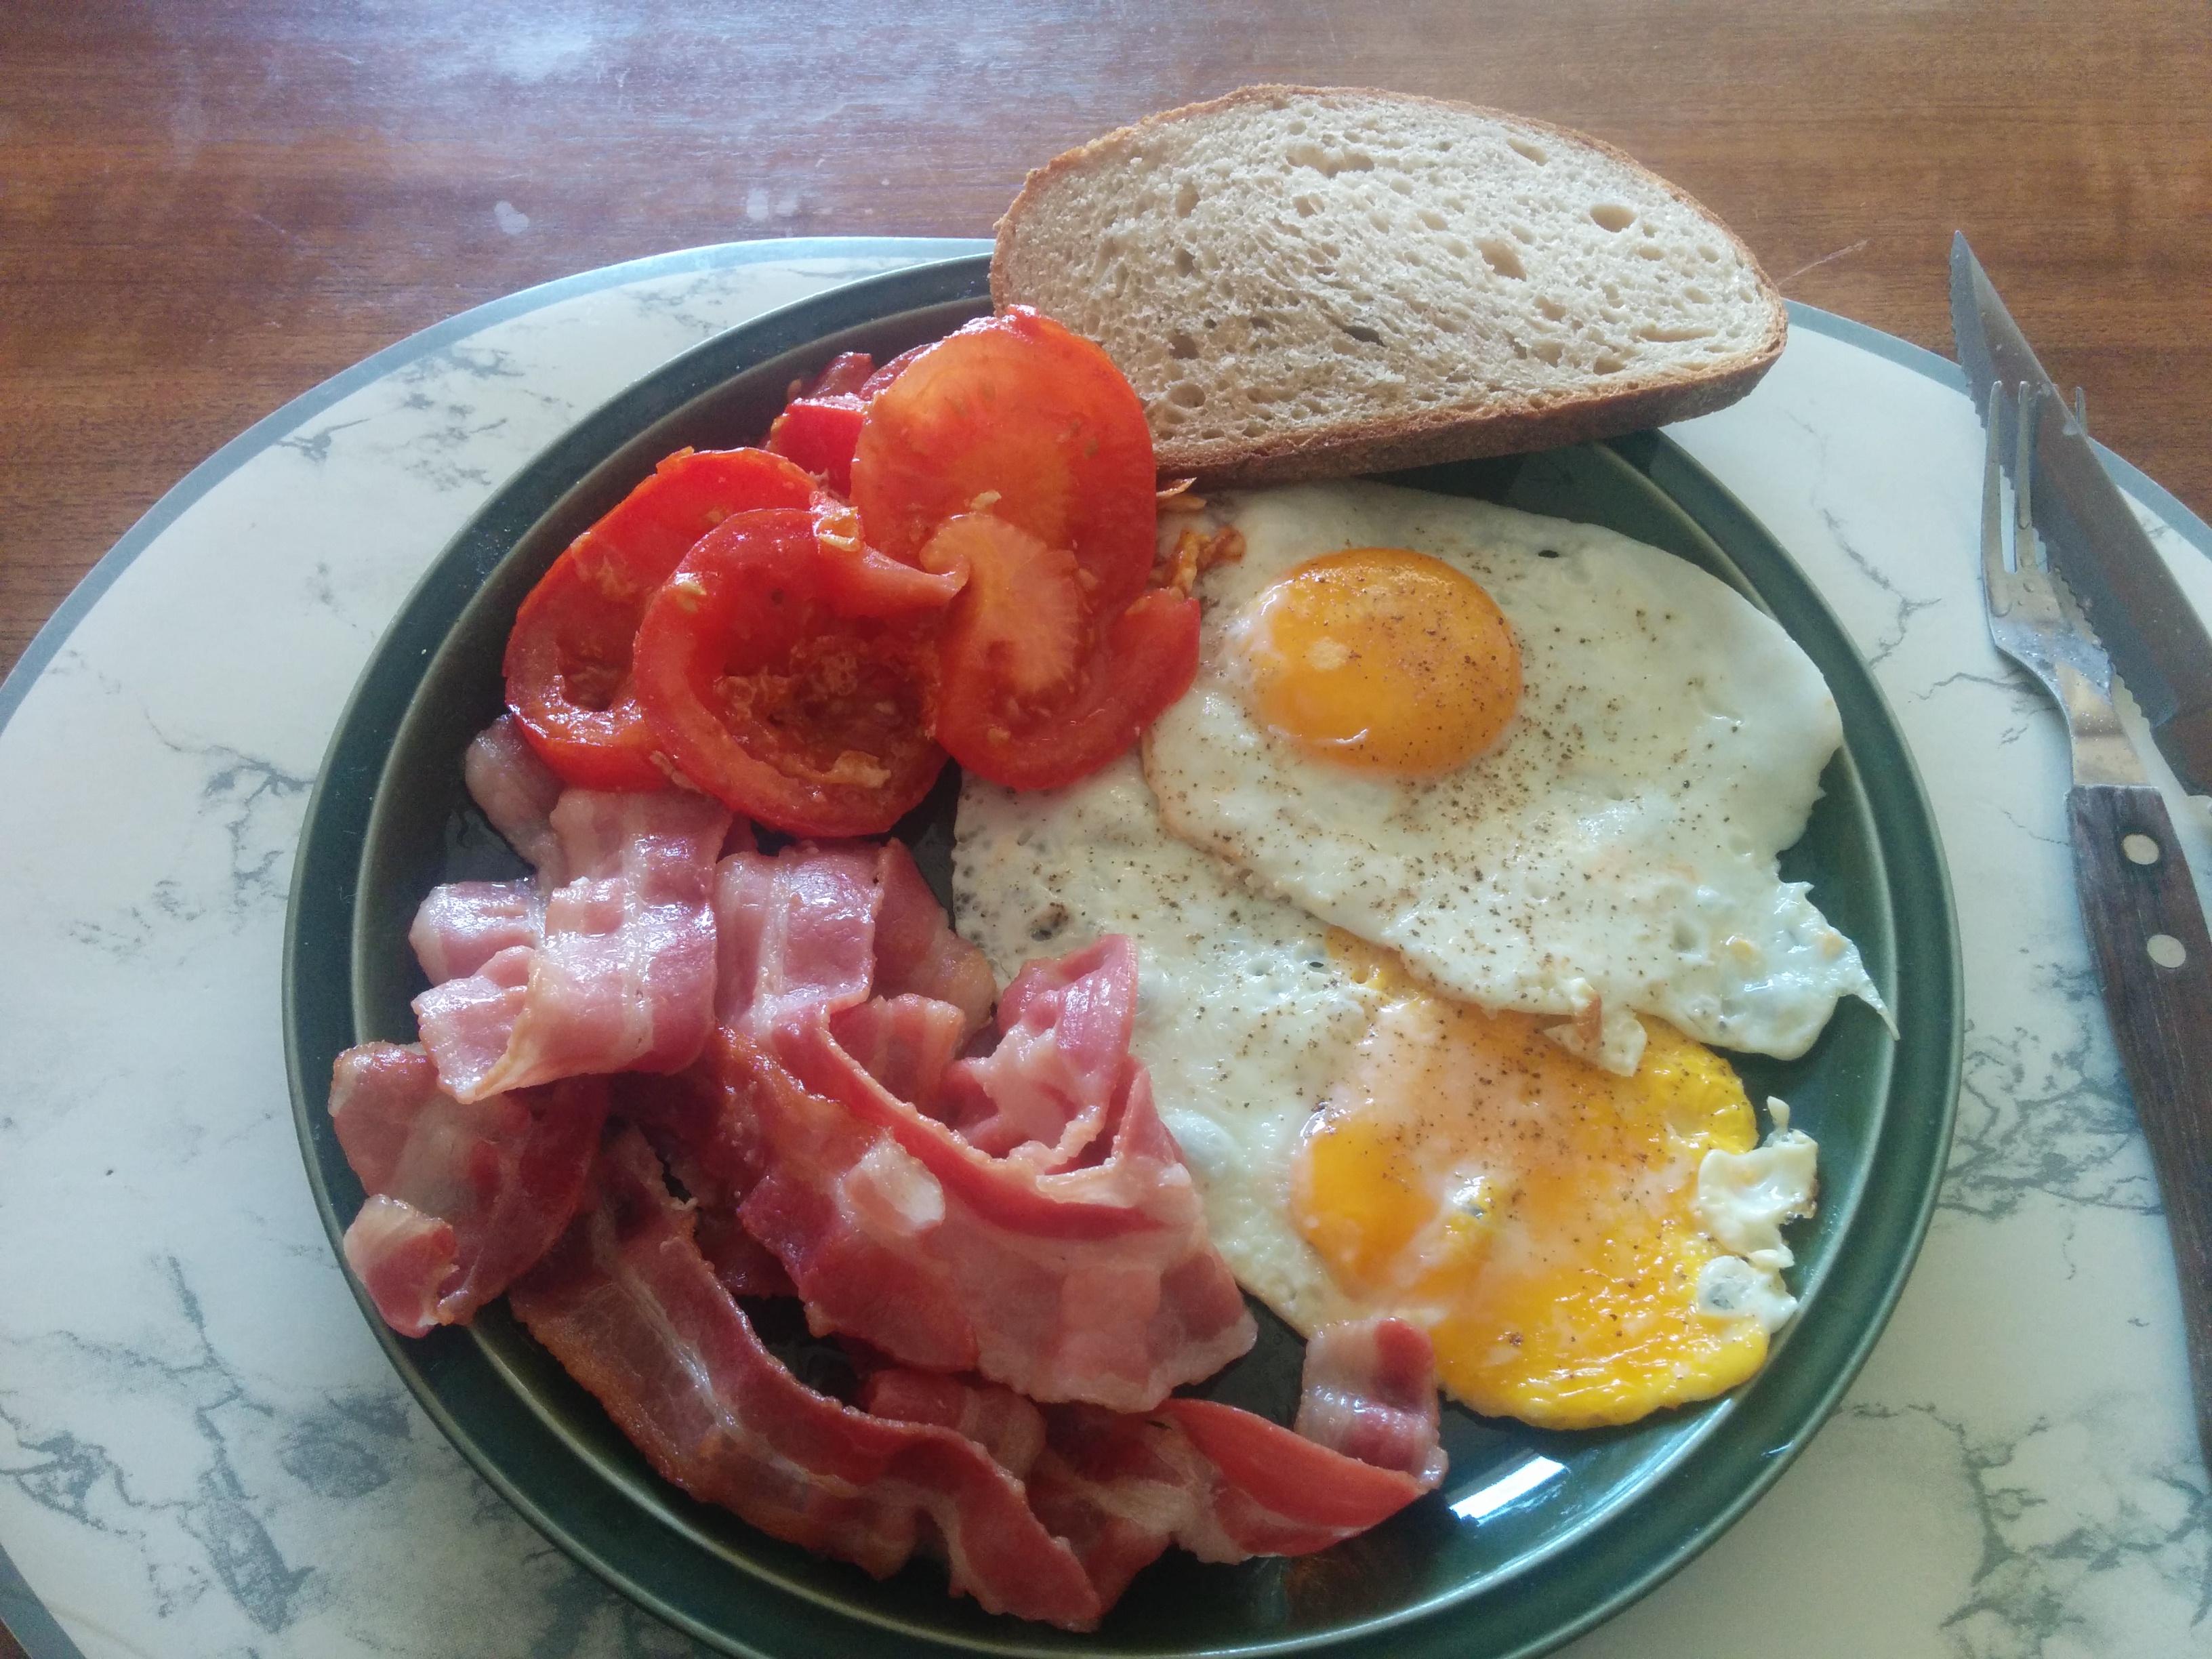 https://foodloader.net/nico_2014-06-07_spiegeleier-mit-speck-tomate-und-brot.jpg